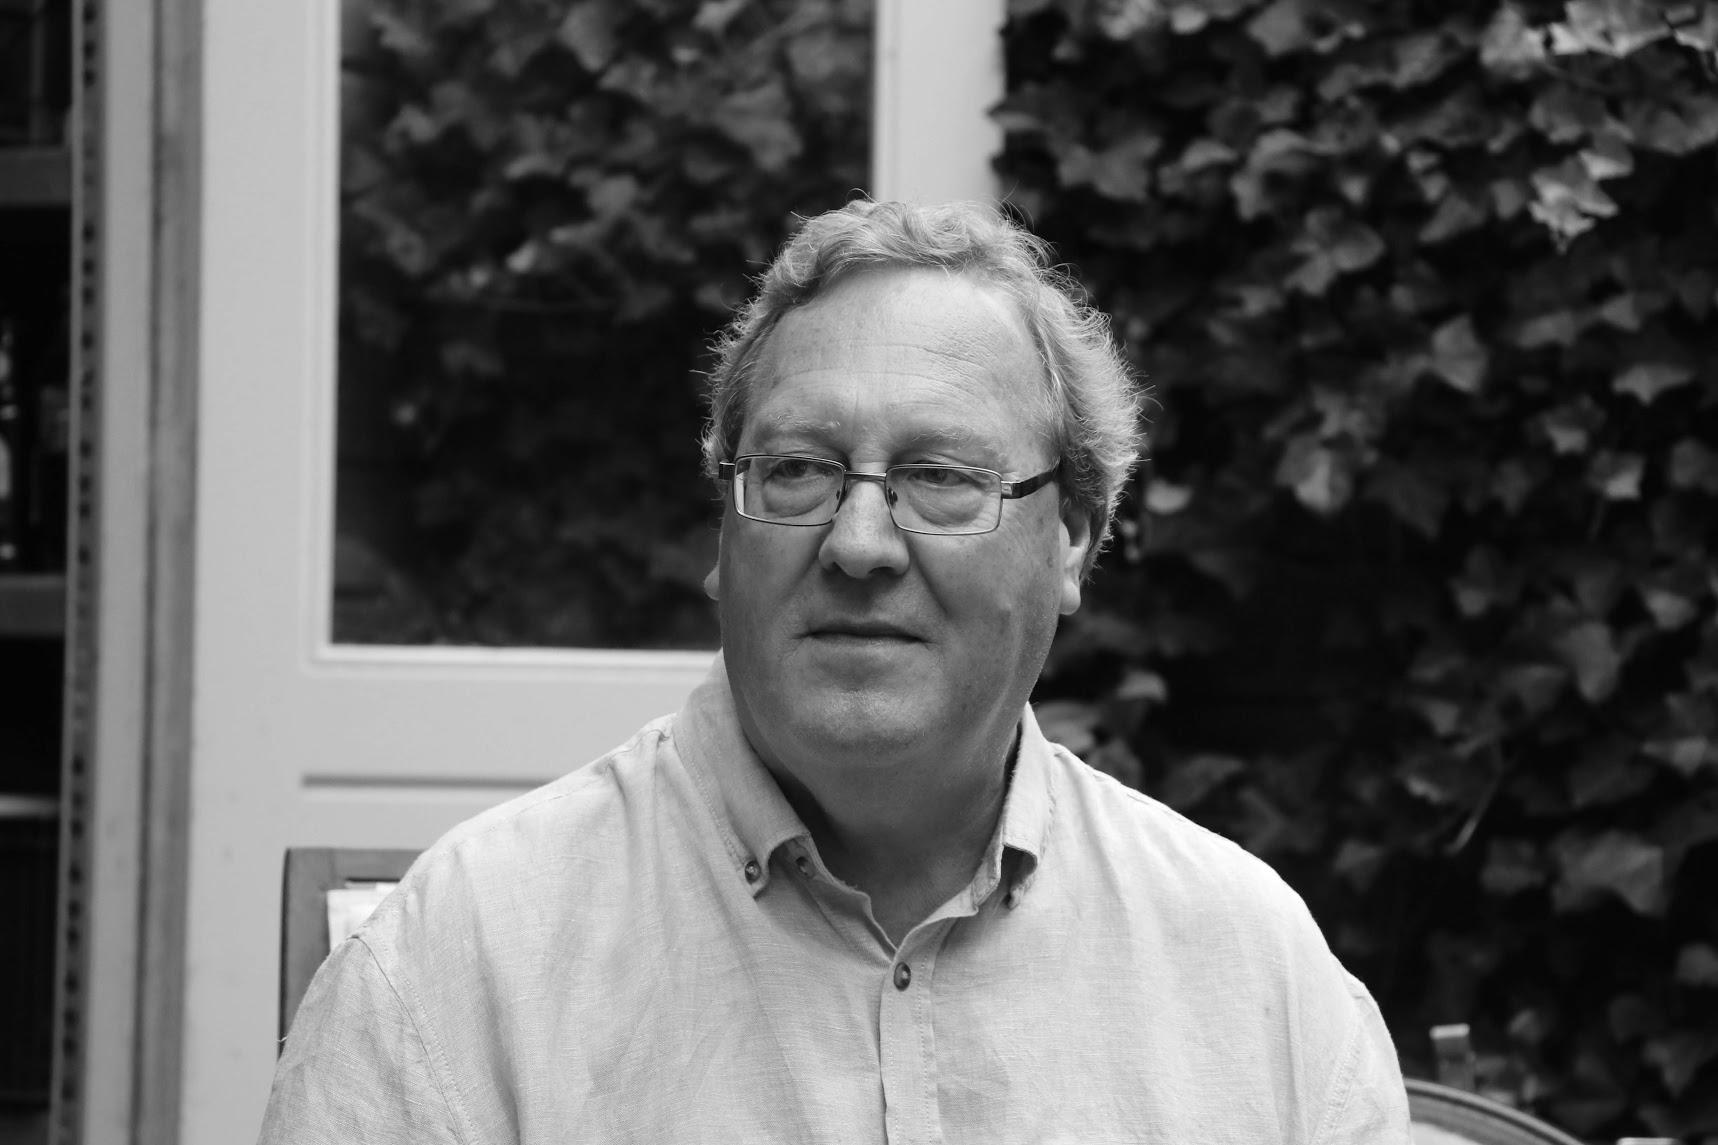 In memoriam Michael Hedley